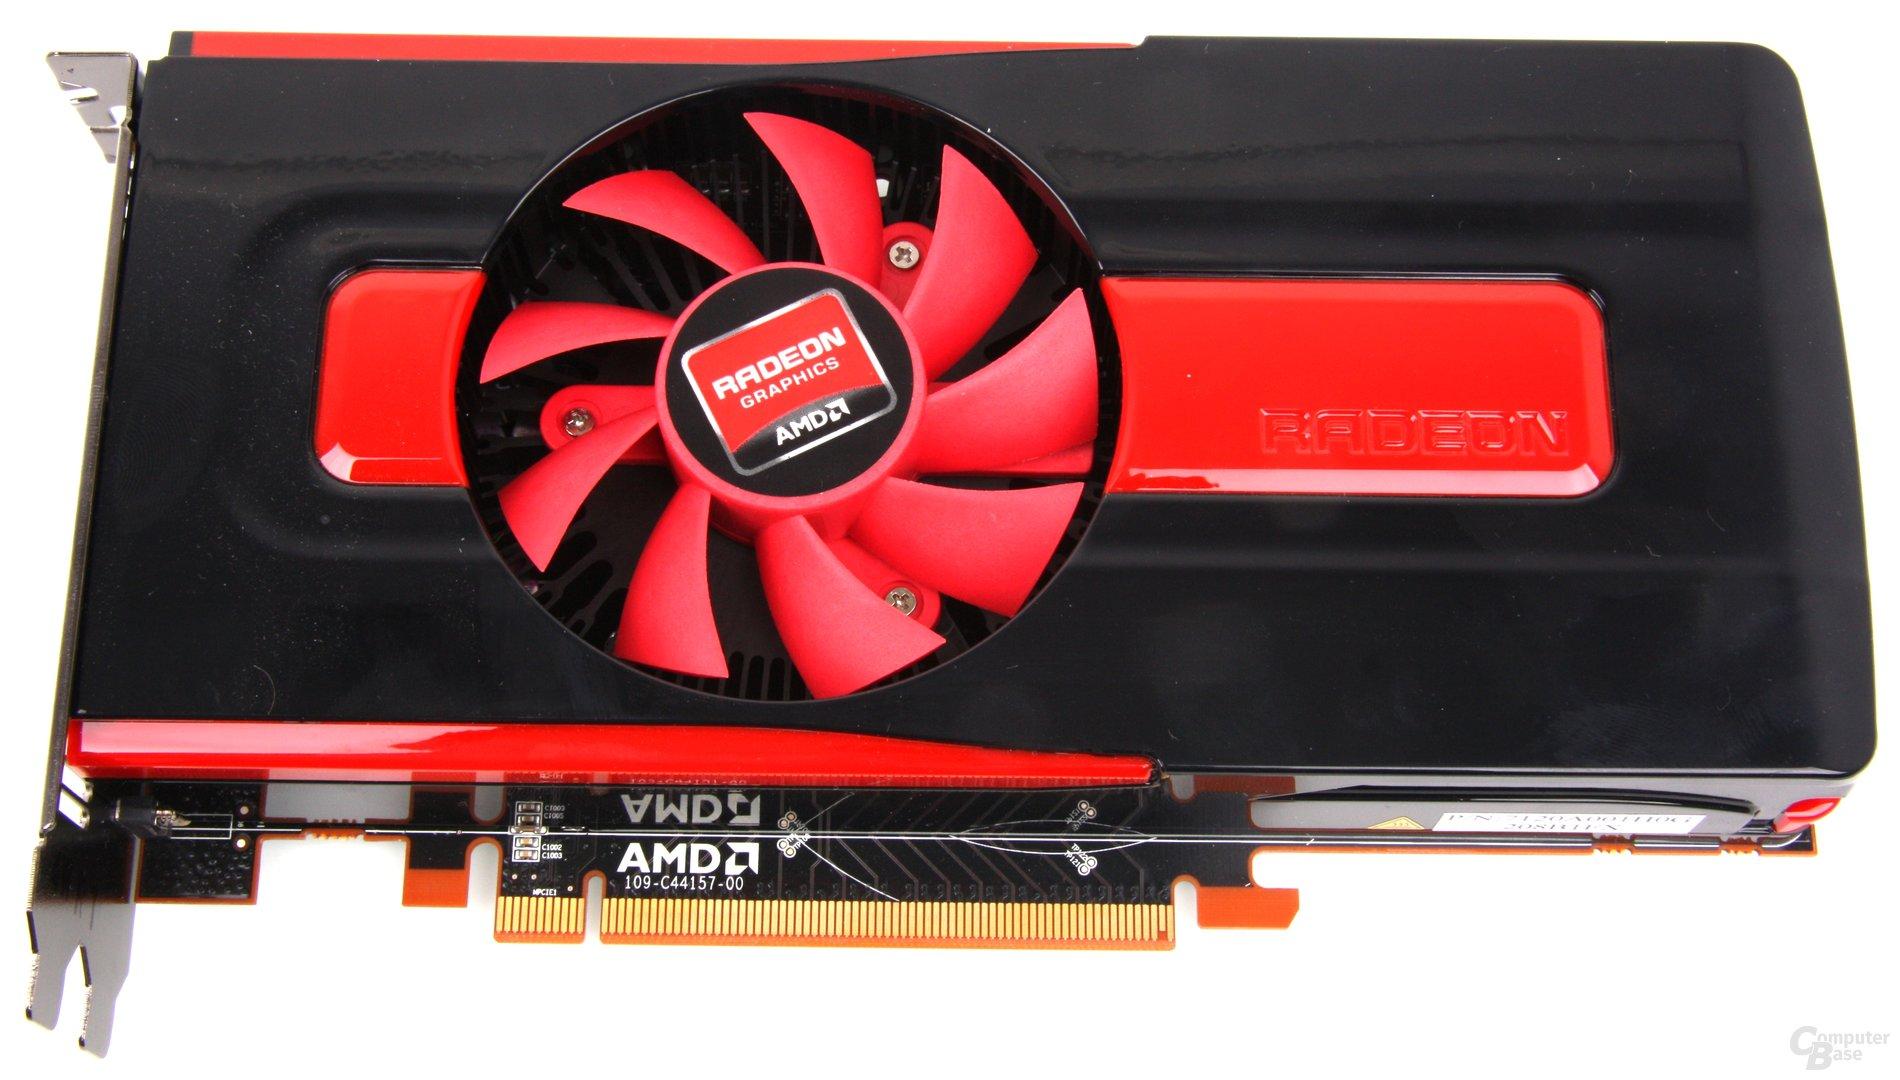 AMD Radeon HD 7750 900 MHz